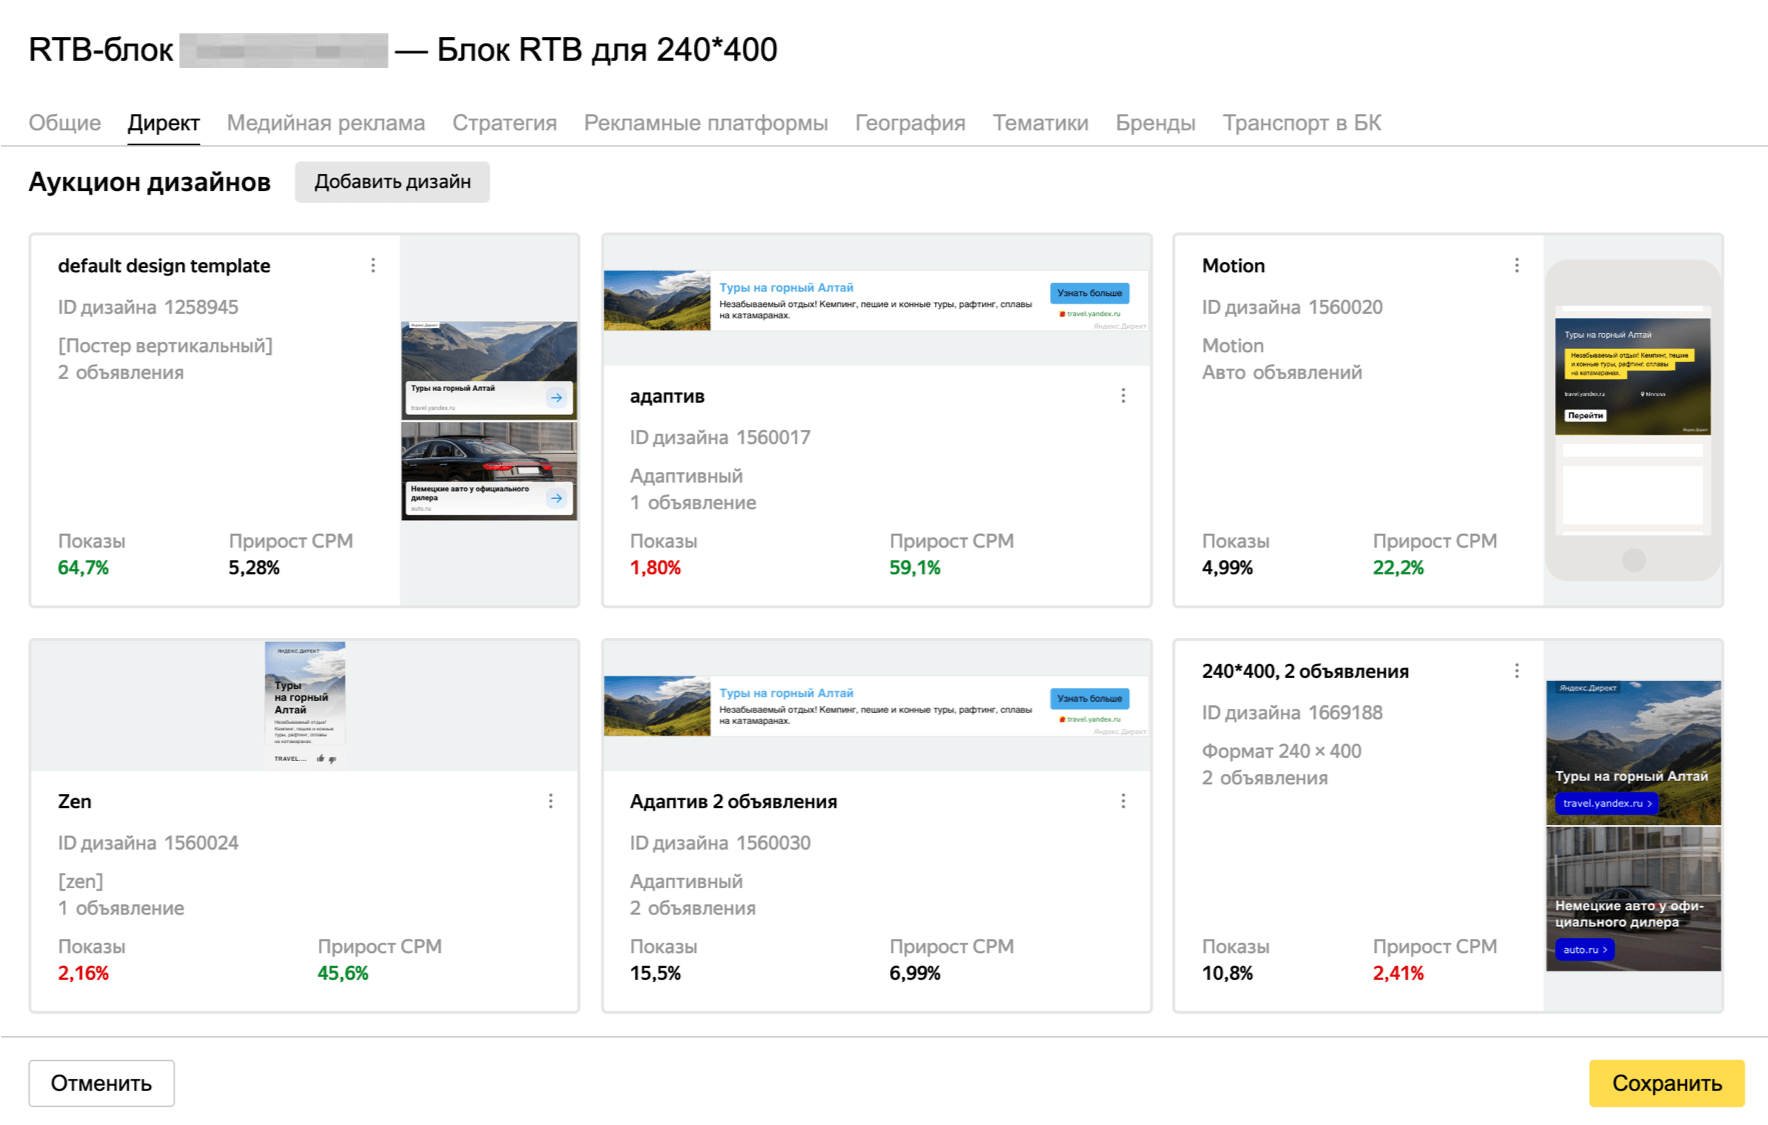 Яндекс поможет выбрать самые эффективные RTB-блоки